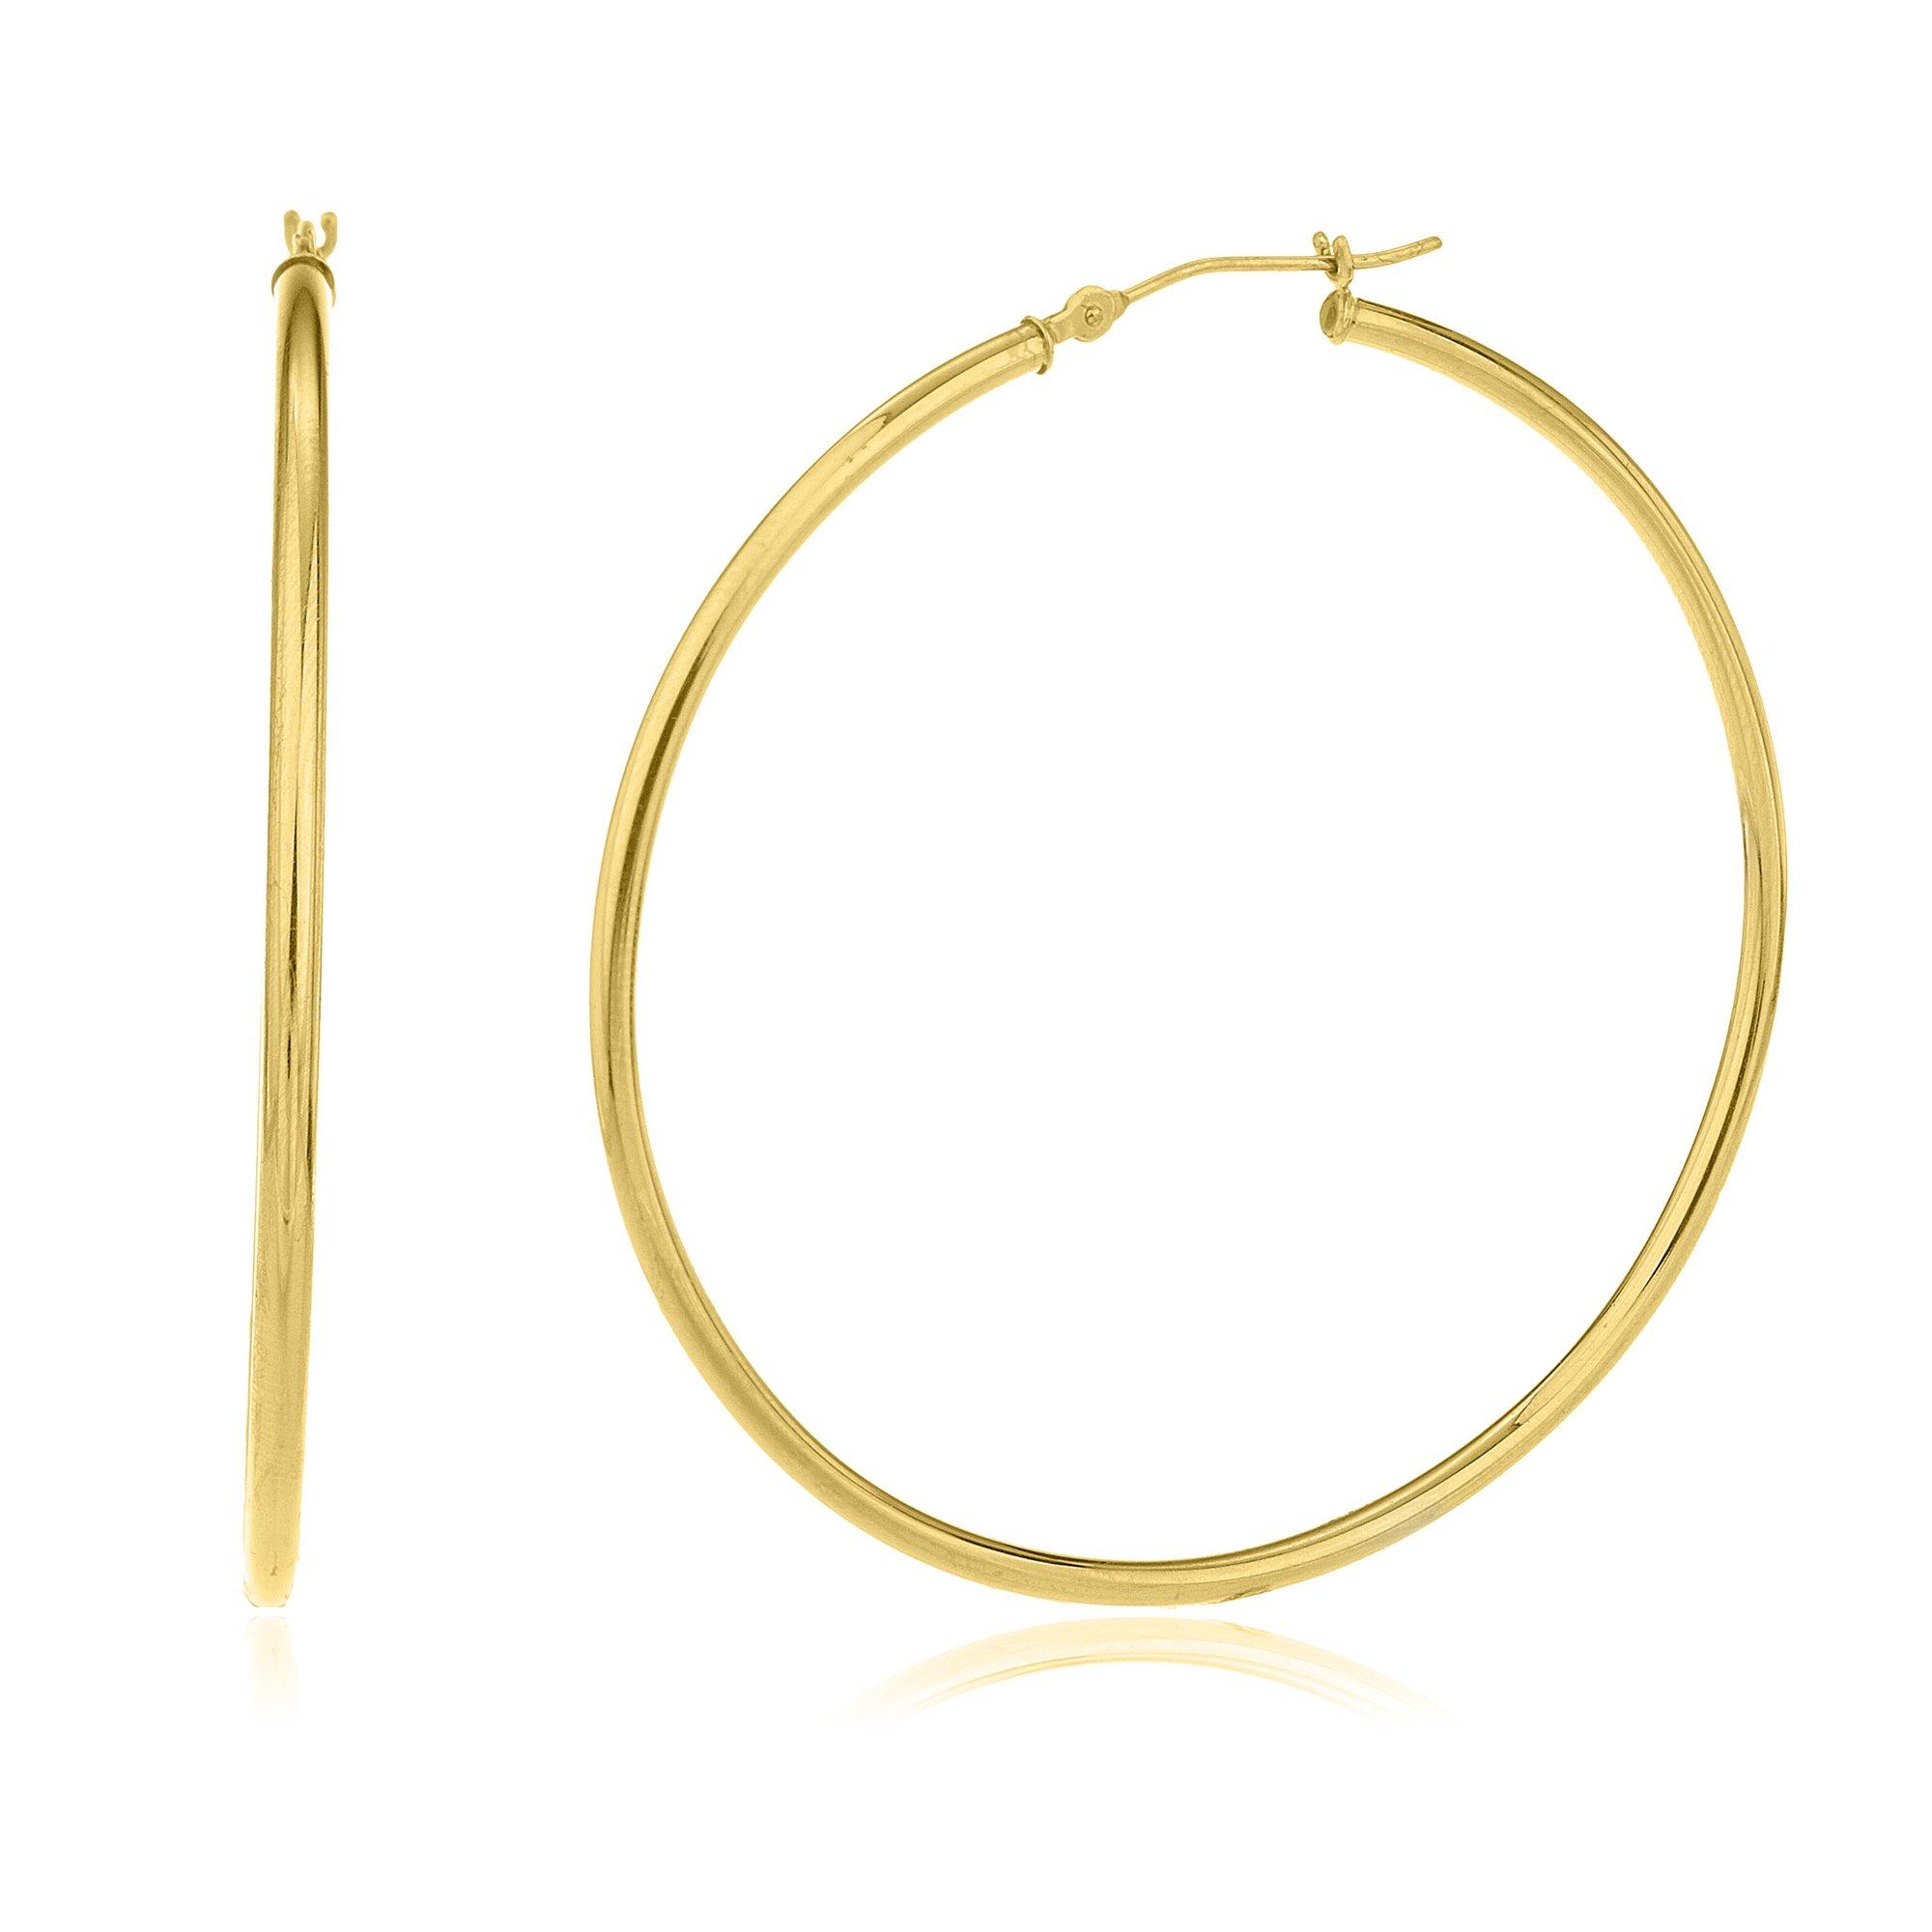 14k Gold 2mm 1.6 Inch (40mm) Basic Pincatch Hoop Earrings (GO-594)